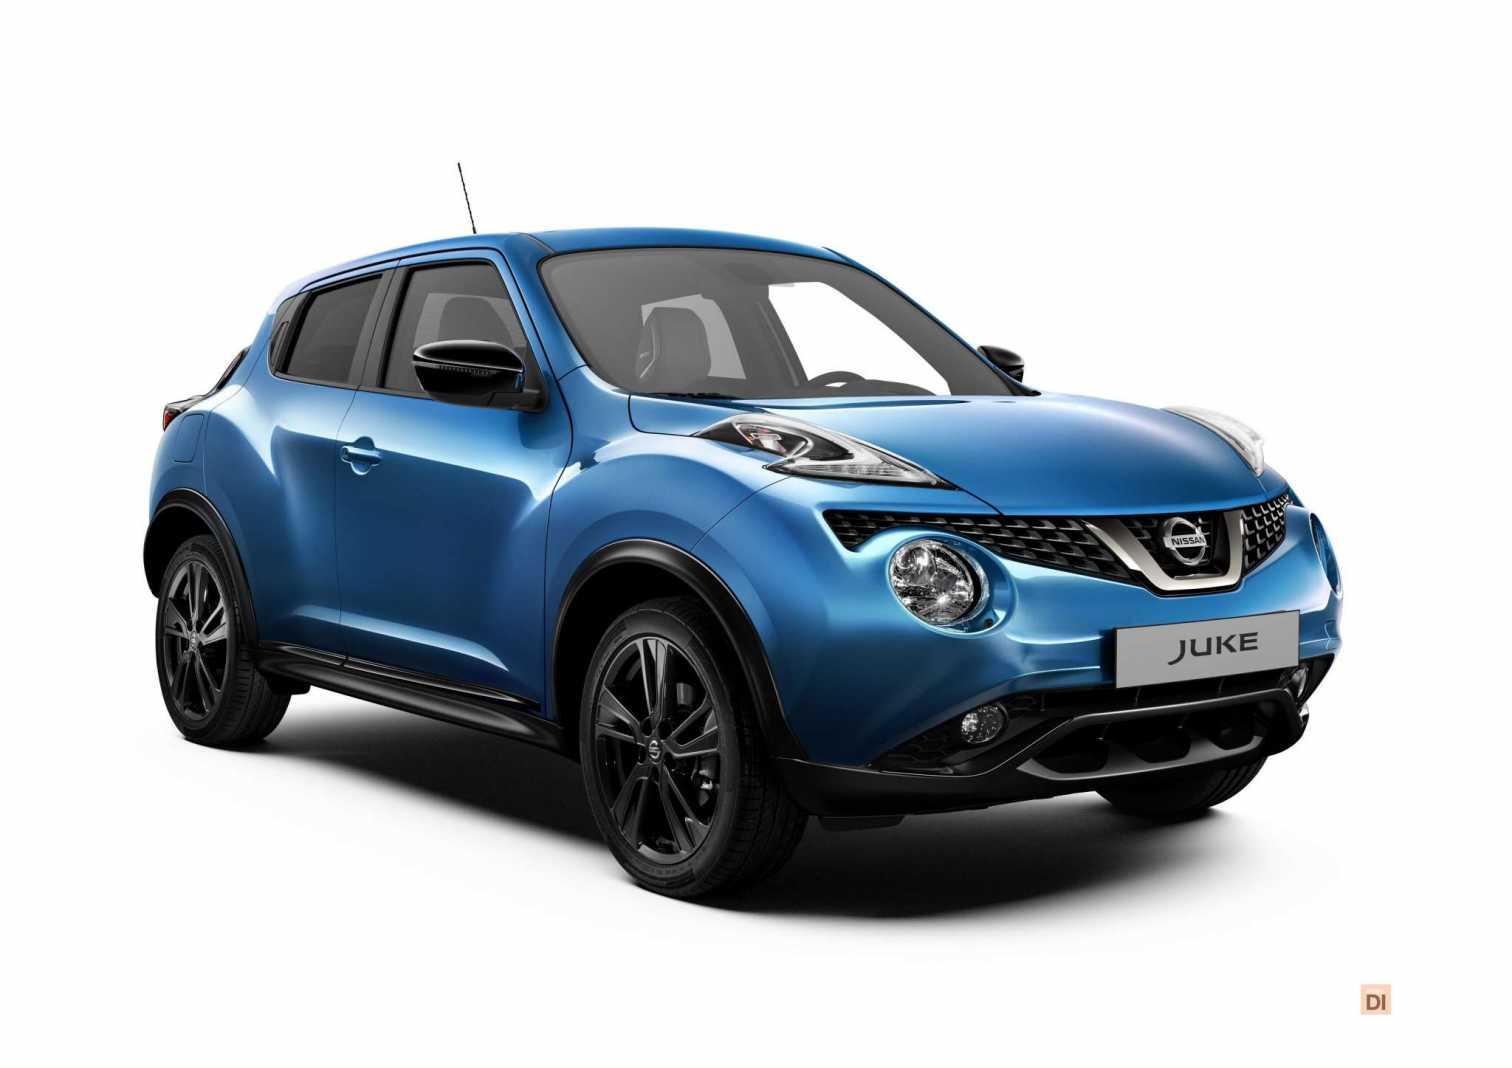 El atractivo del Nissan Juke tras las últimas mejoras salta a la vista; se trata de un modelo que este año ha sacado el número un millón.